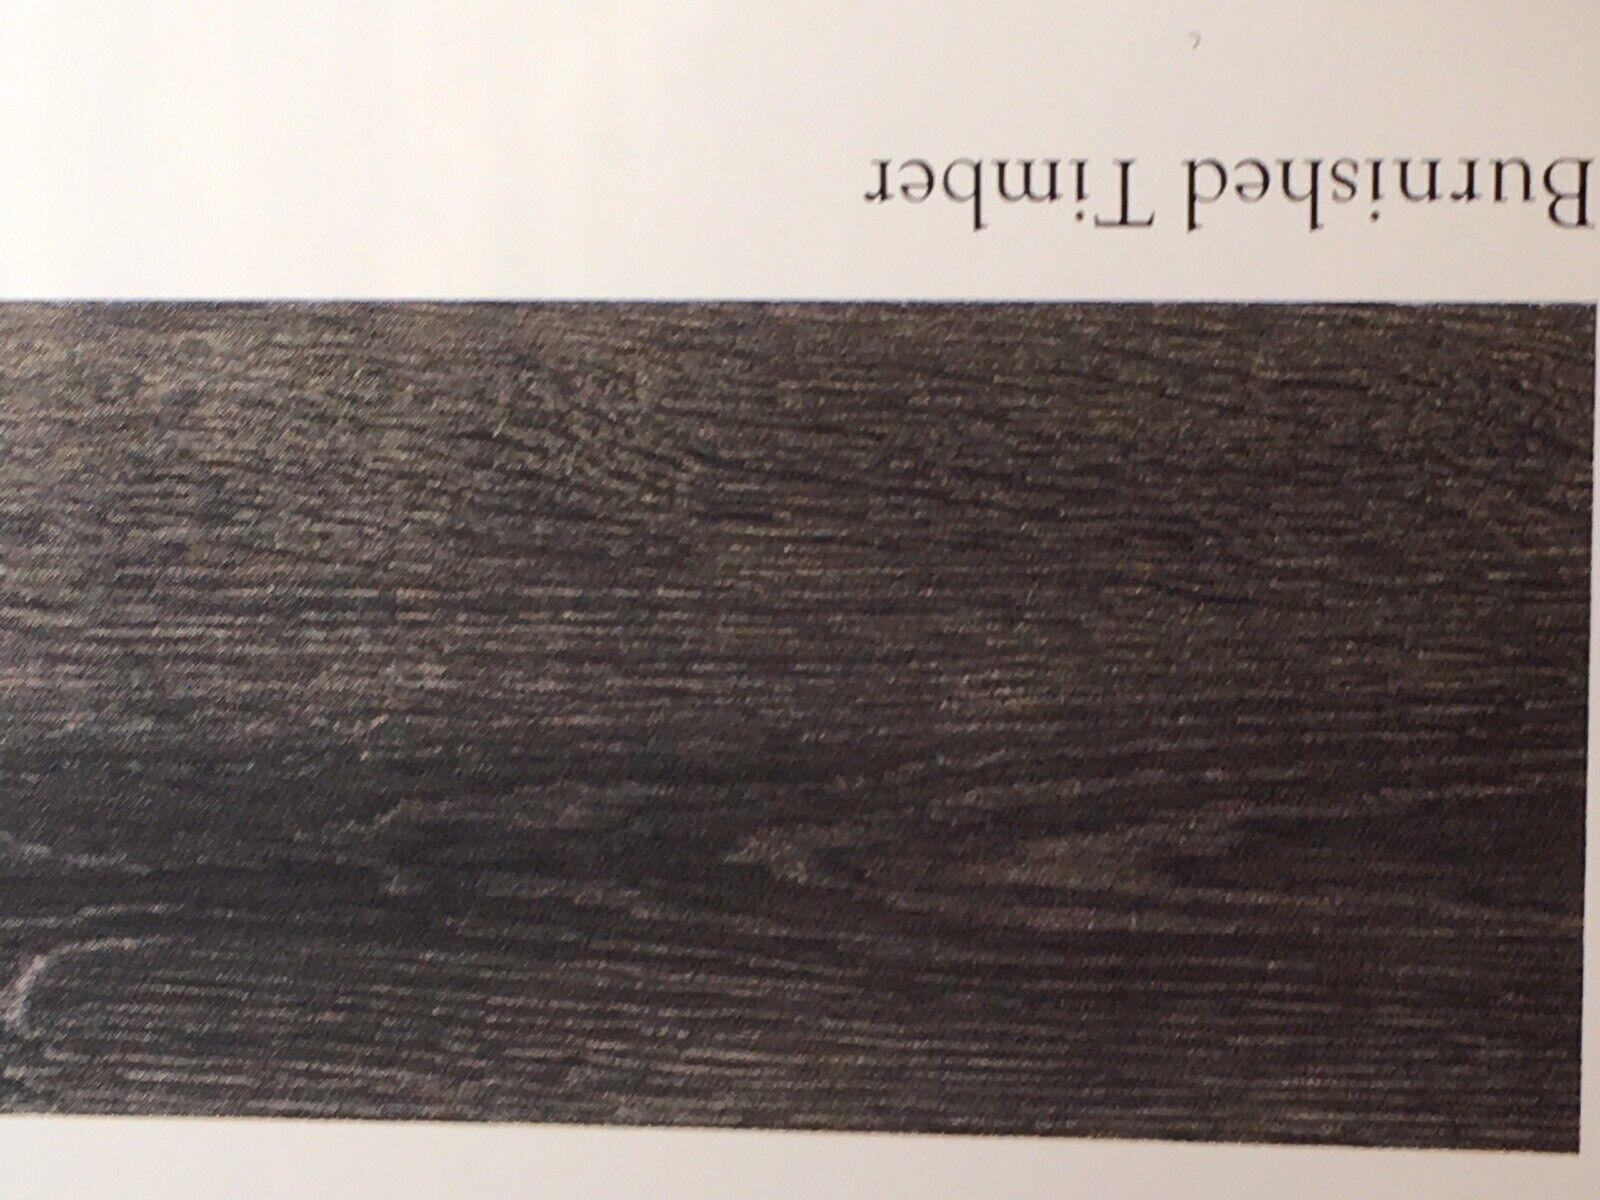 Amtico Form Stripwood Burnished Timber 36 x 6   3 boxes = 7m2